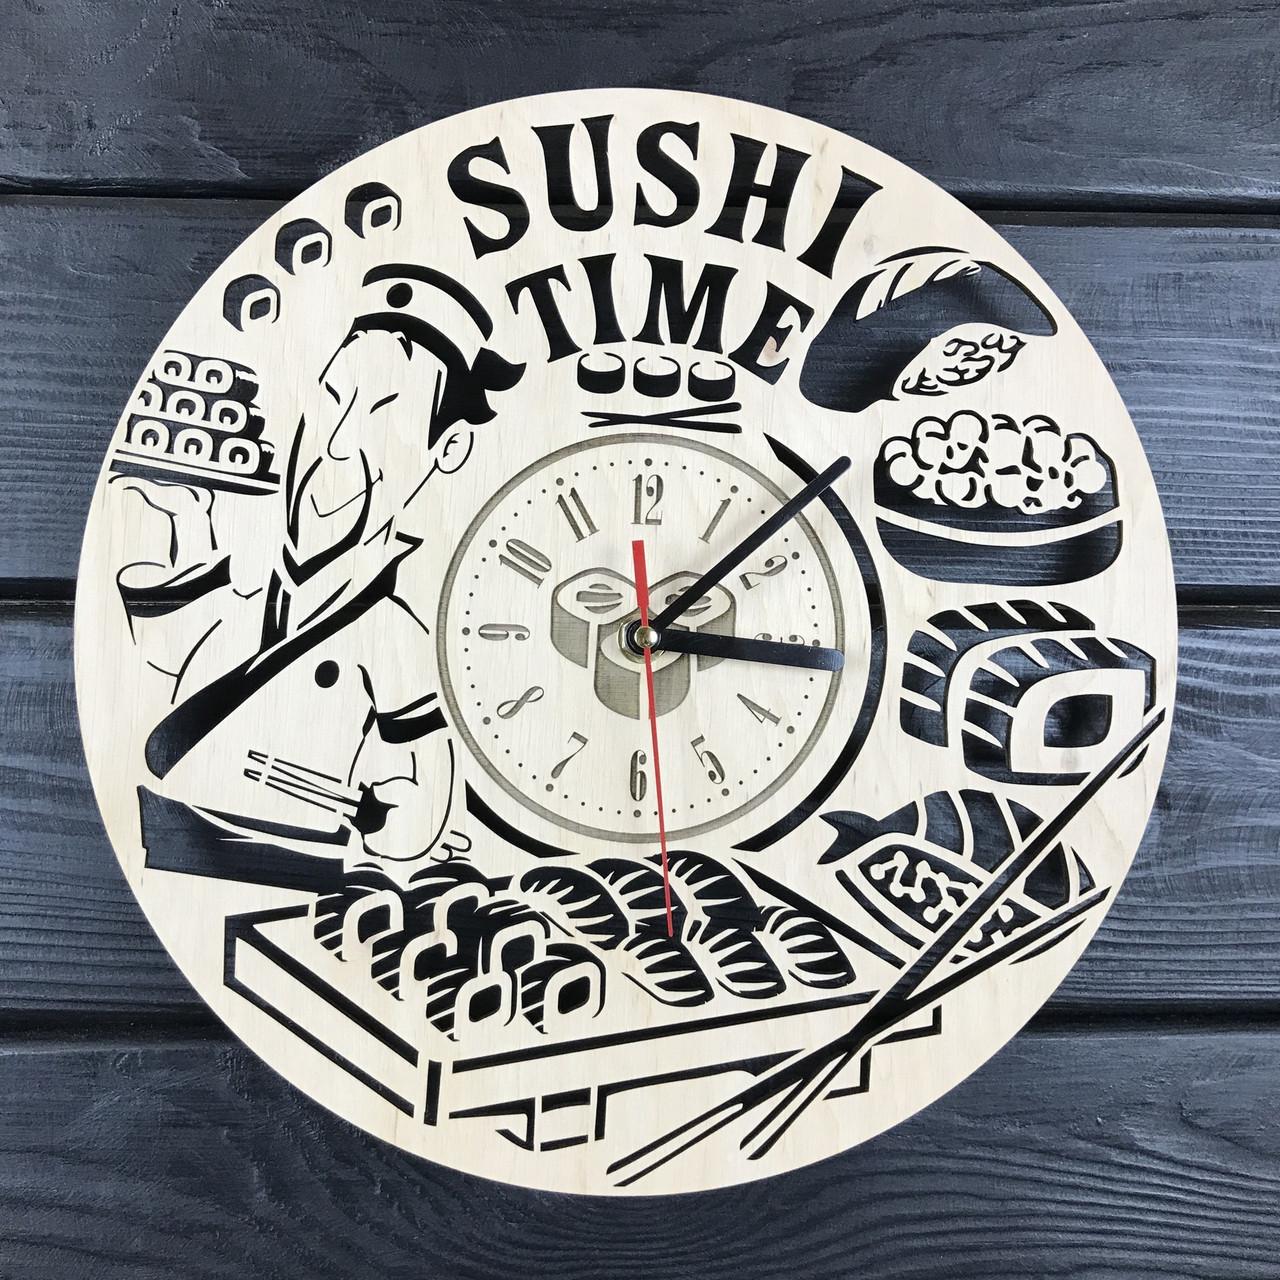 Тематические интерьерные настенные часы «Суши»